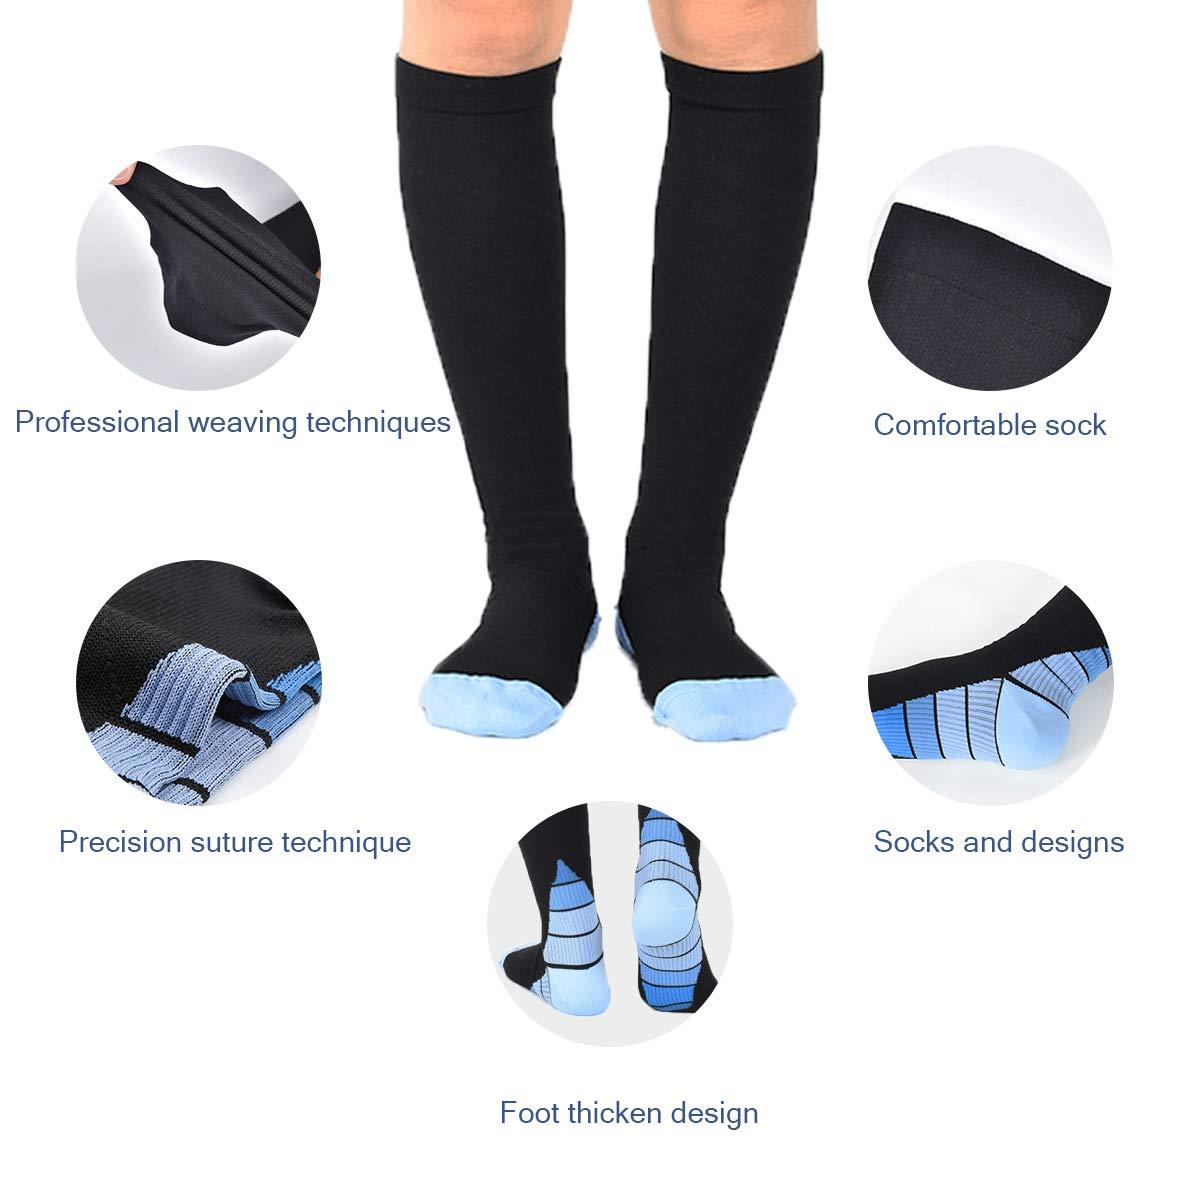 Geeignet f/ür Laufen Meowoo Kompressionsstr/ümpfe Compression Socks Bequem Atmungsaktiv und Hohe Elastizit/ät Fu/ßball und Andere Sportarten